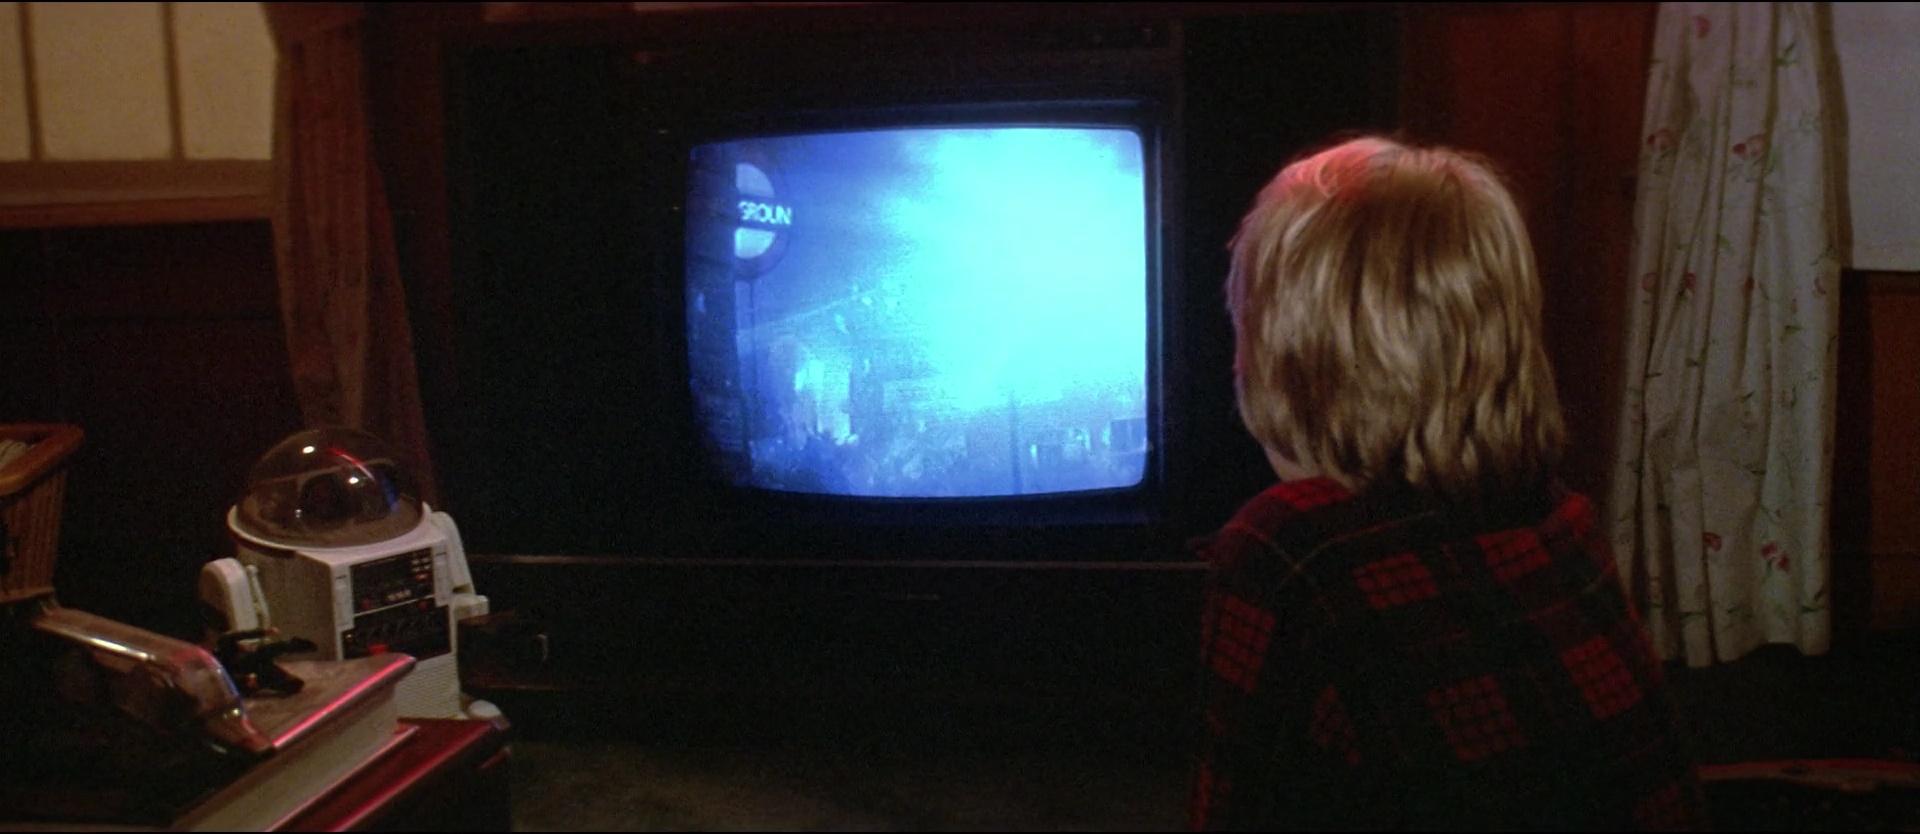 Invaders from Mars film still 6